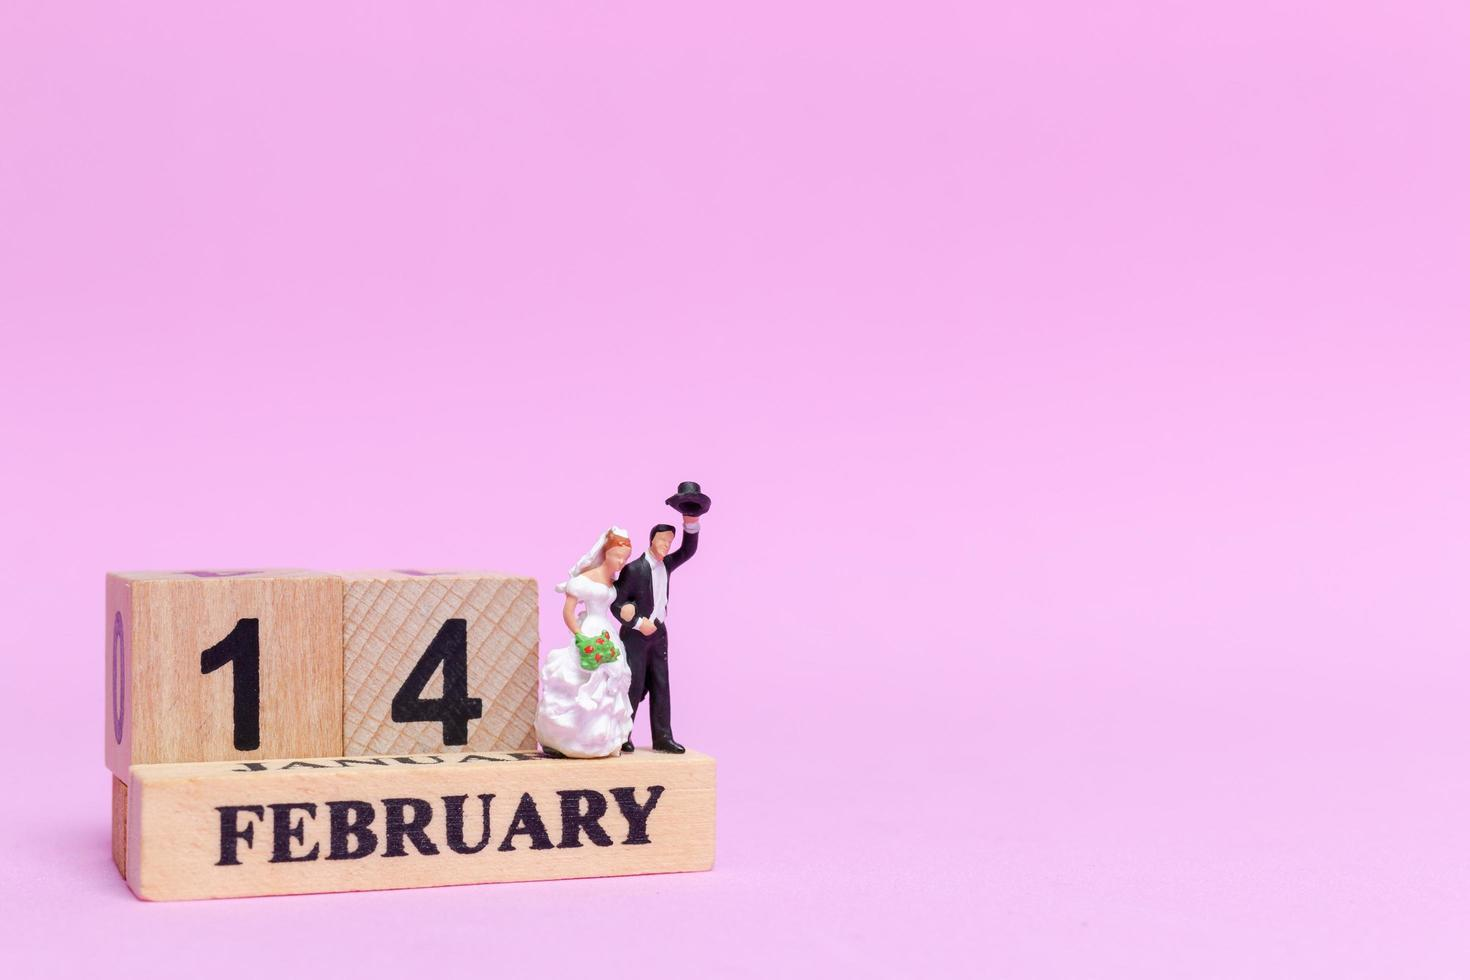 Novios en miniatura sobre un fondo rosa, el día de San Valentín y el concepto de boda foto